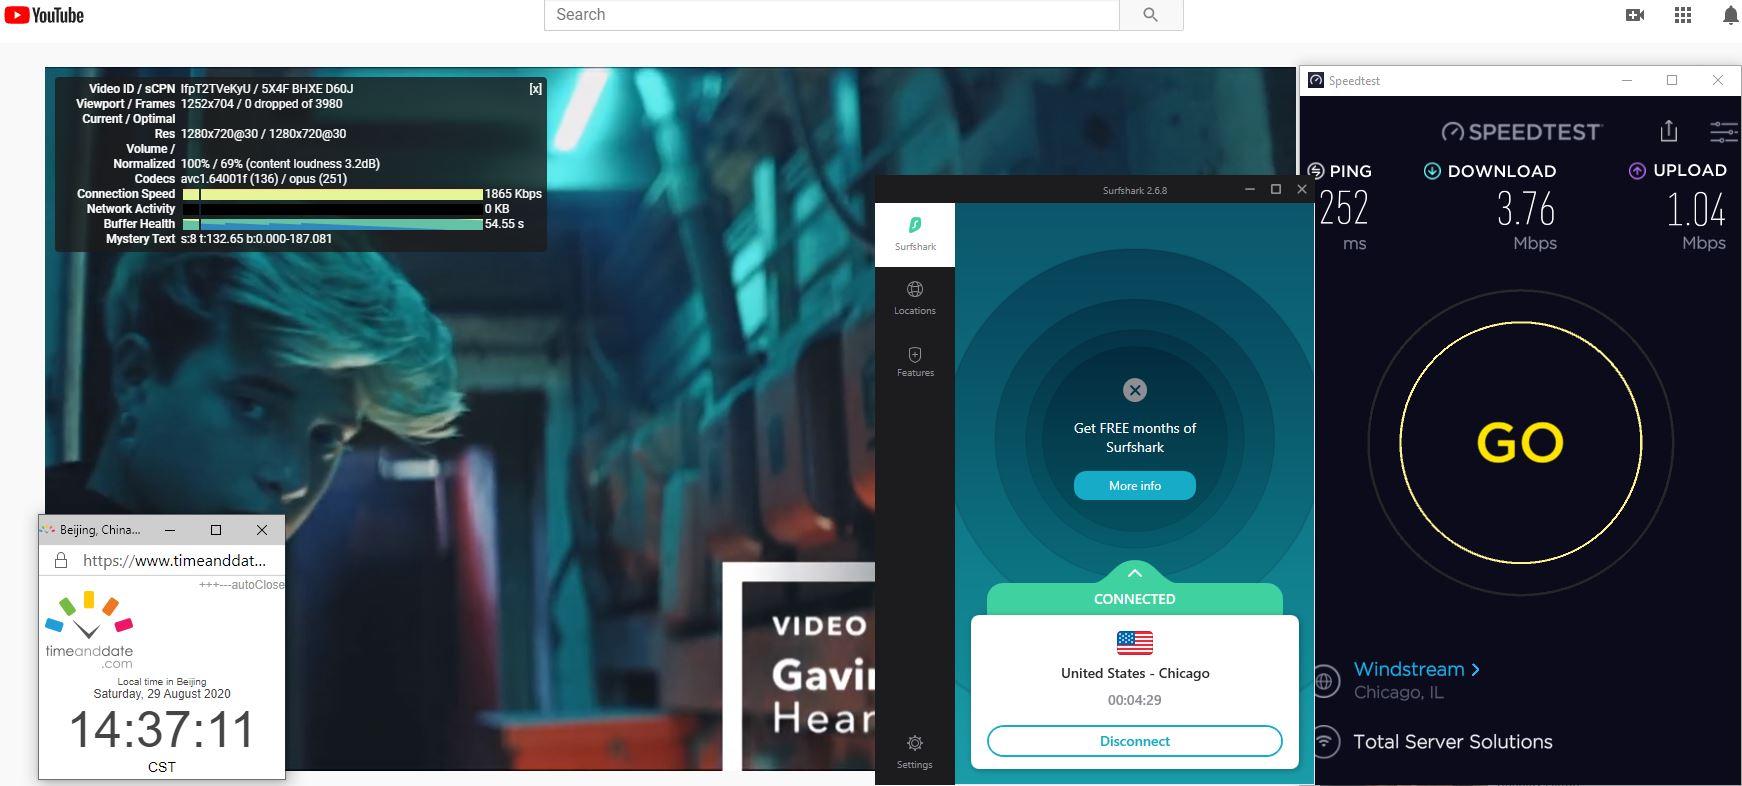 Windows10 SurfsharkVPN USA - Chicago 中国VPN 翻墙 科学上网 翻墙速度测试 - 20200829